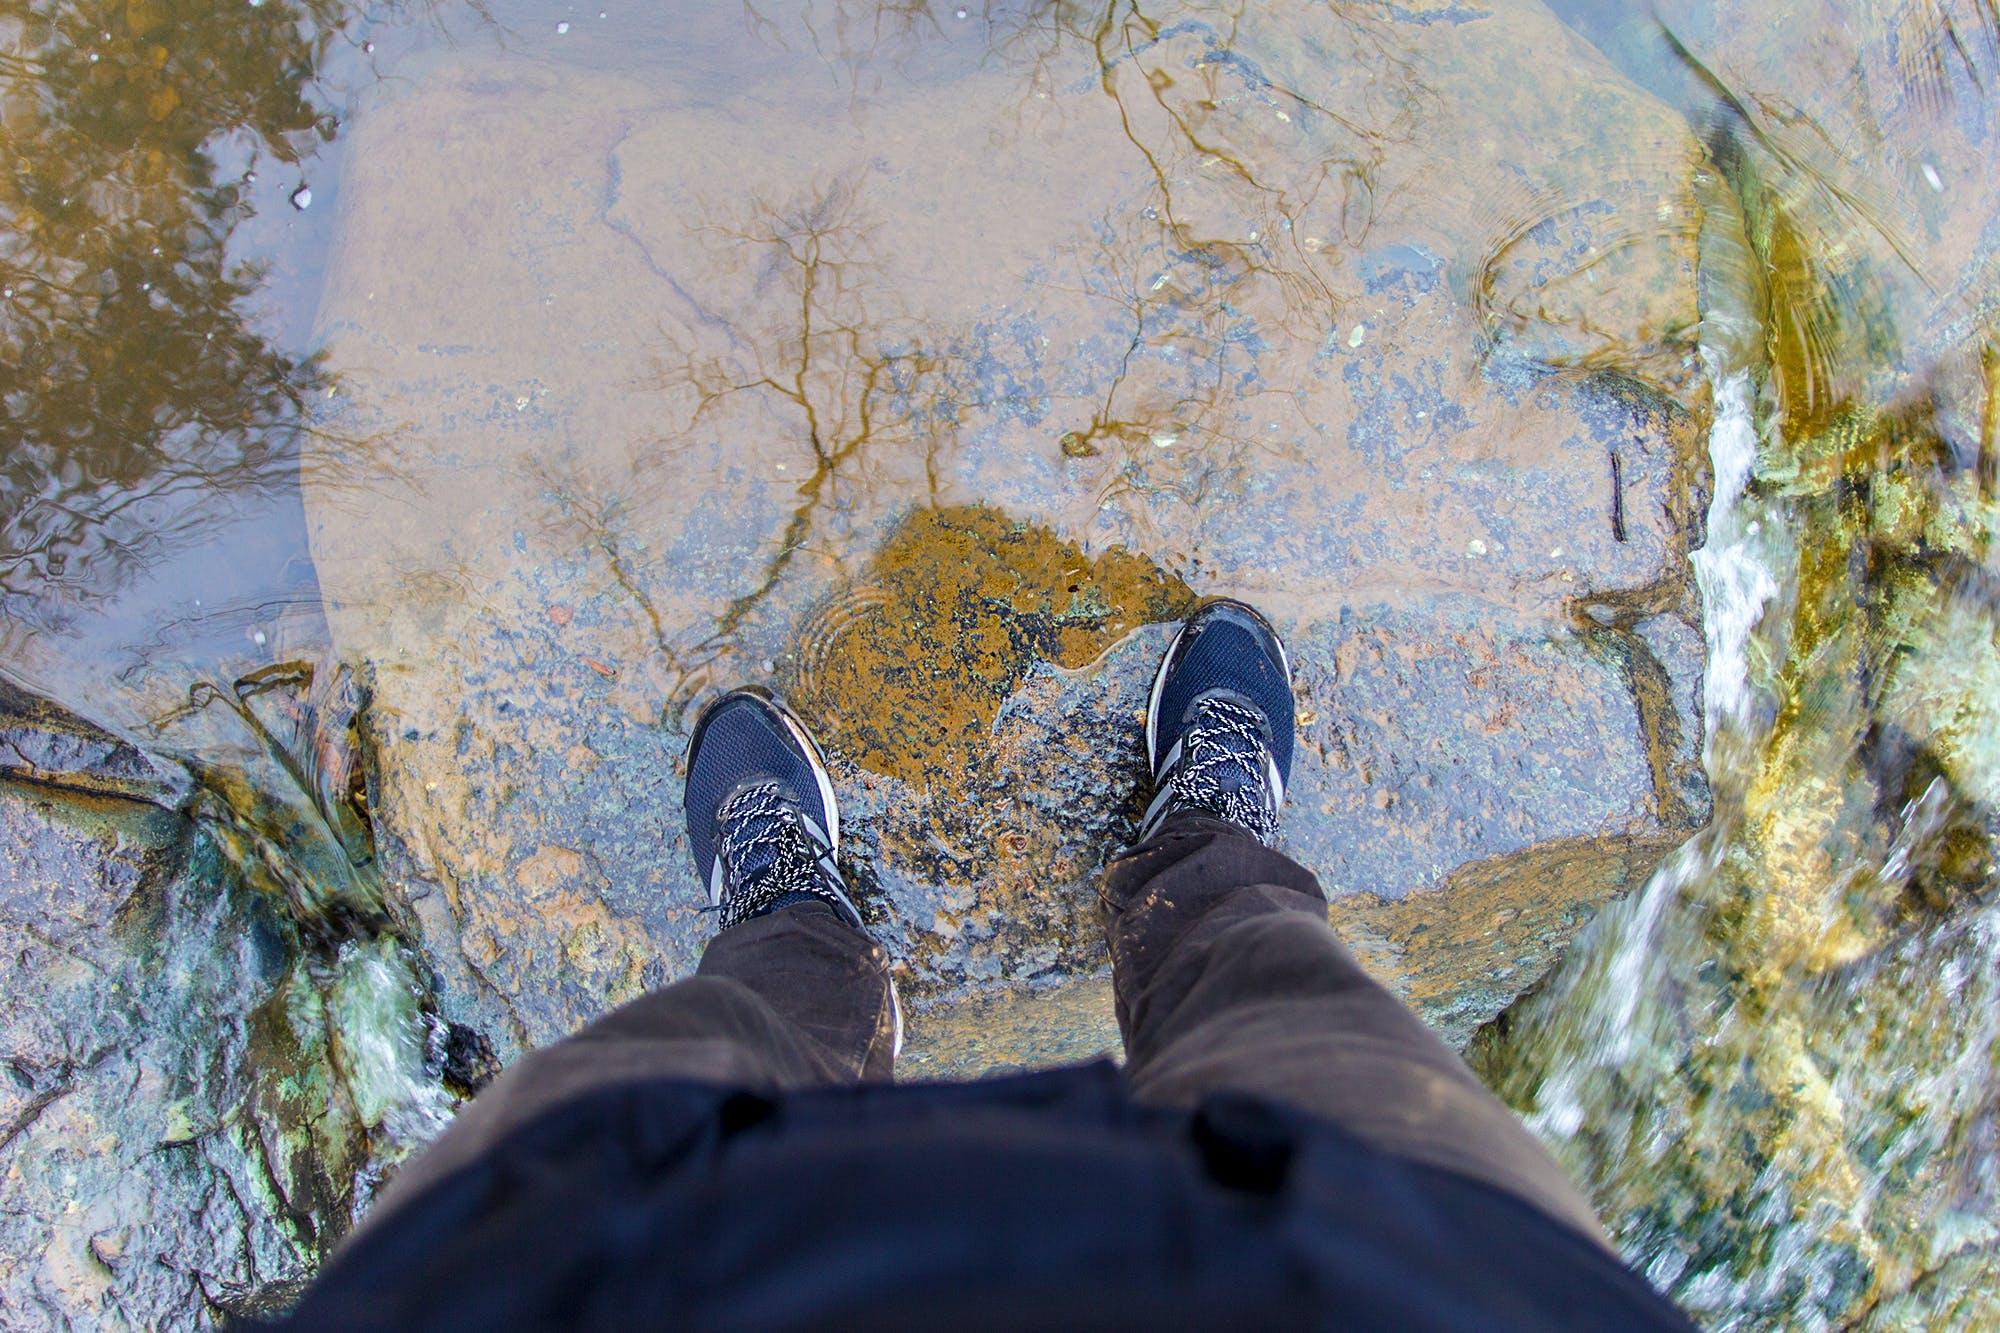 反射, 水, 自然の無料の写真素材